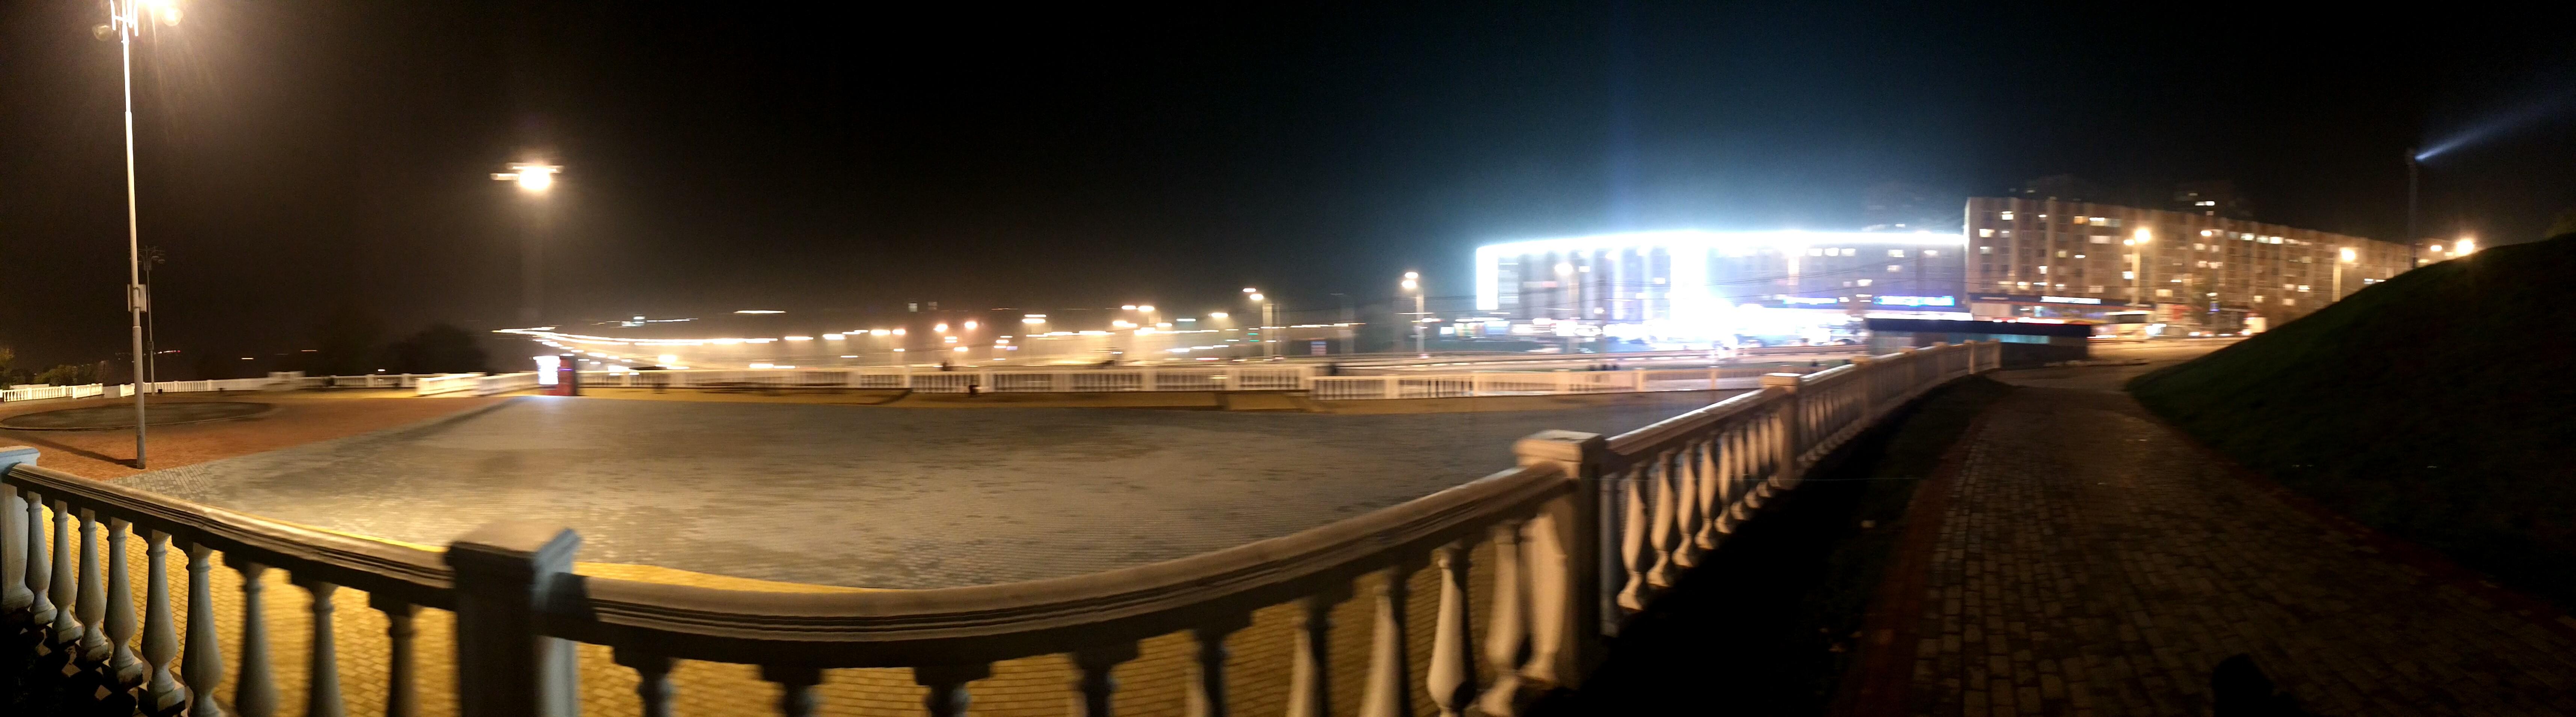 Панорама с OnePlus Two